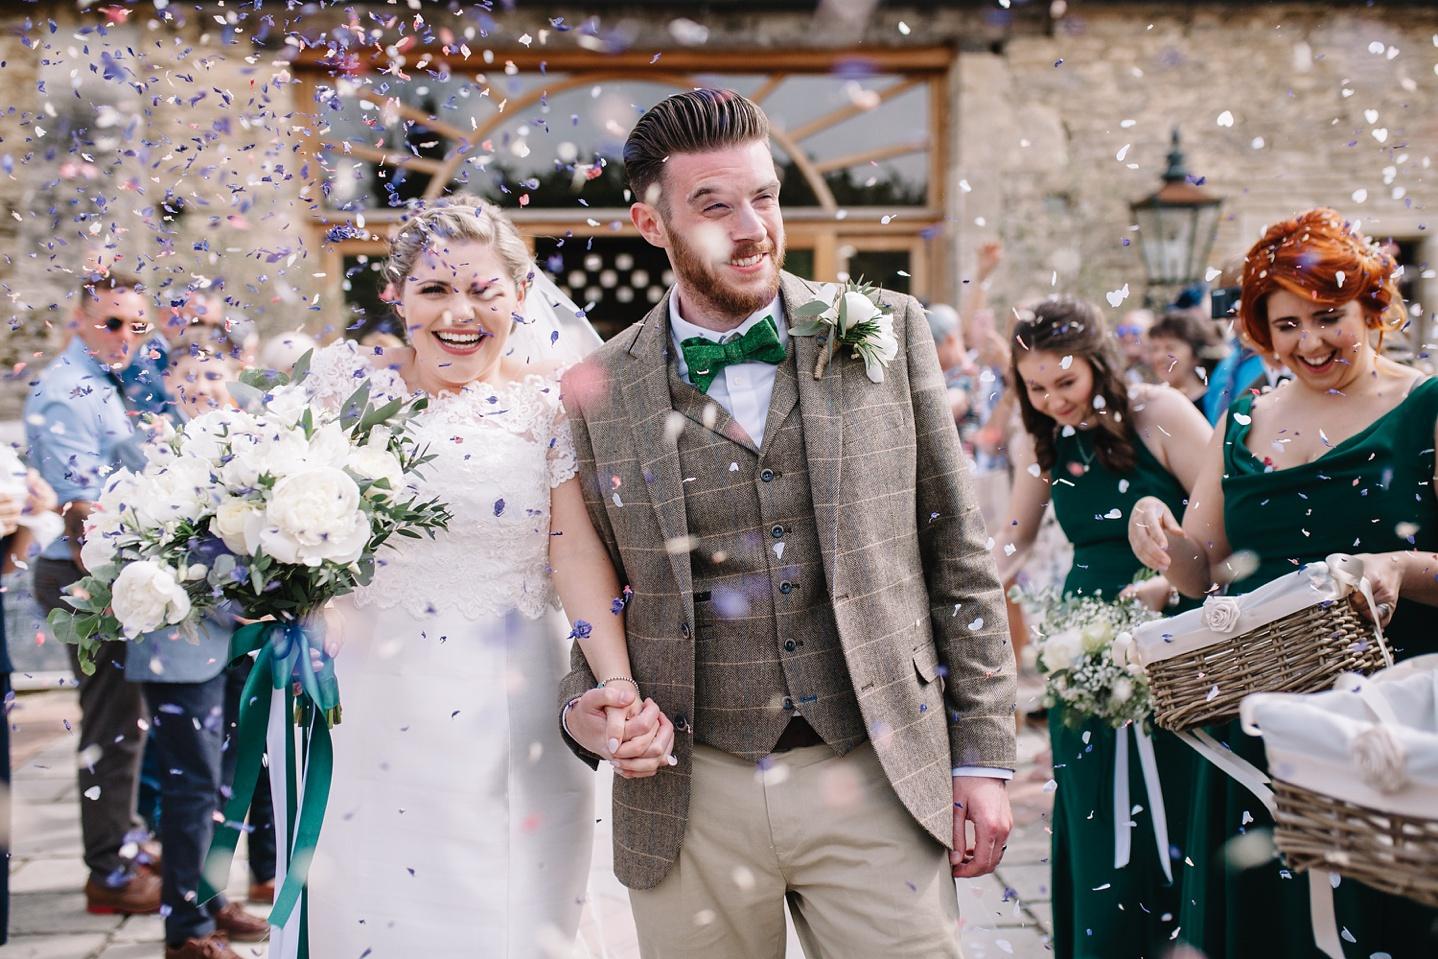 Oxleaze-Barn-Wedding-Photographer_0075.jpg